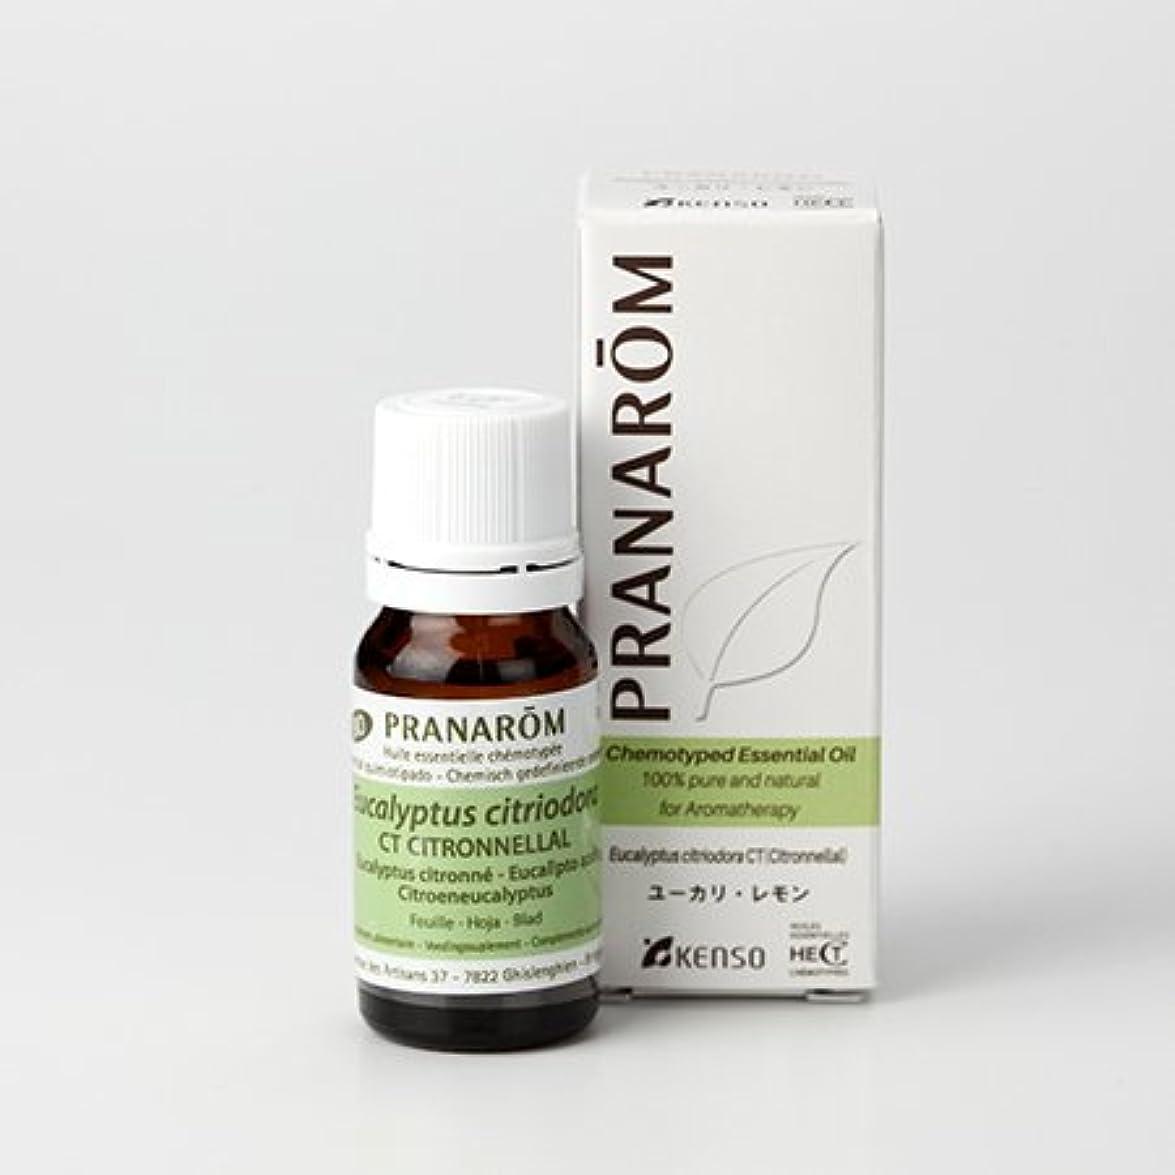 ねじれ不合格アトミックプラナロム ( PRANAROM ) 精油 ユーカリ?レモン 10ml p-65 ユーカリレモン